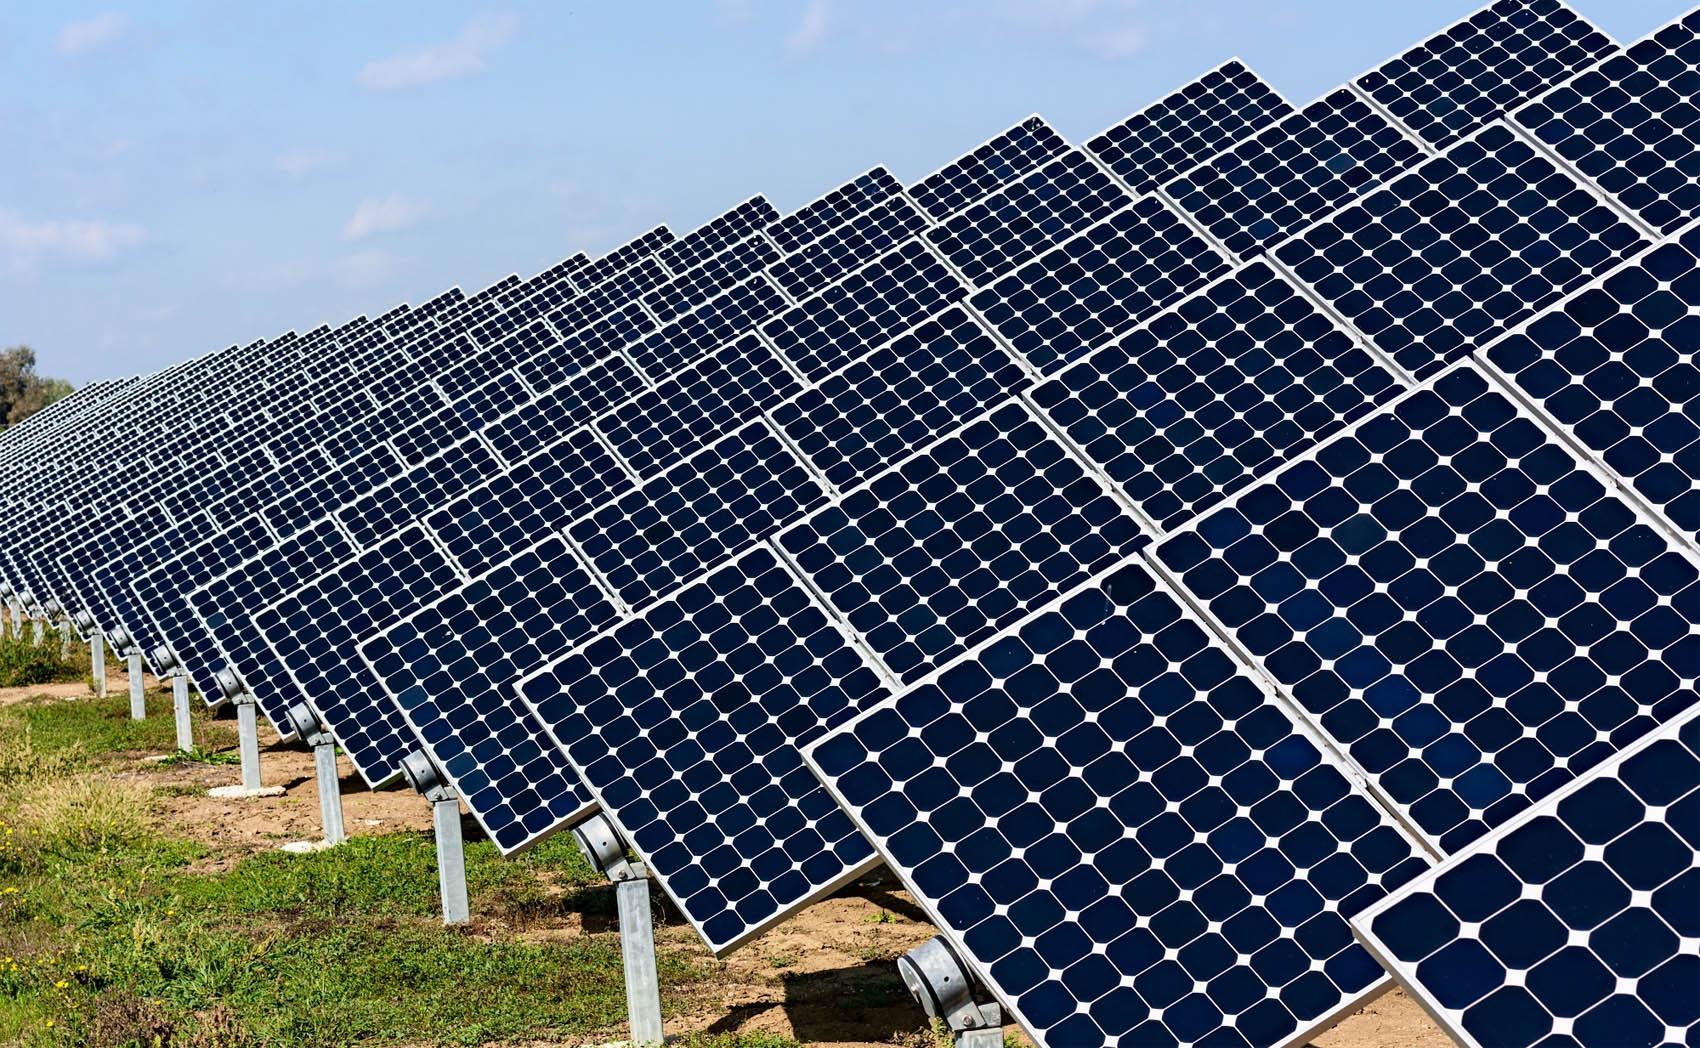 कपिलवस्तु र कोहलपुरमा देशकै ठूलो सौर्य ऊर्जा